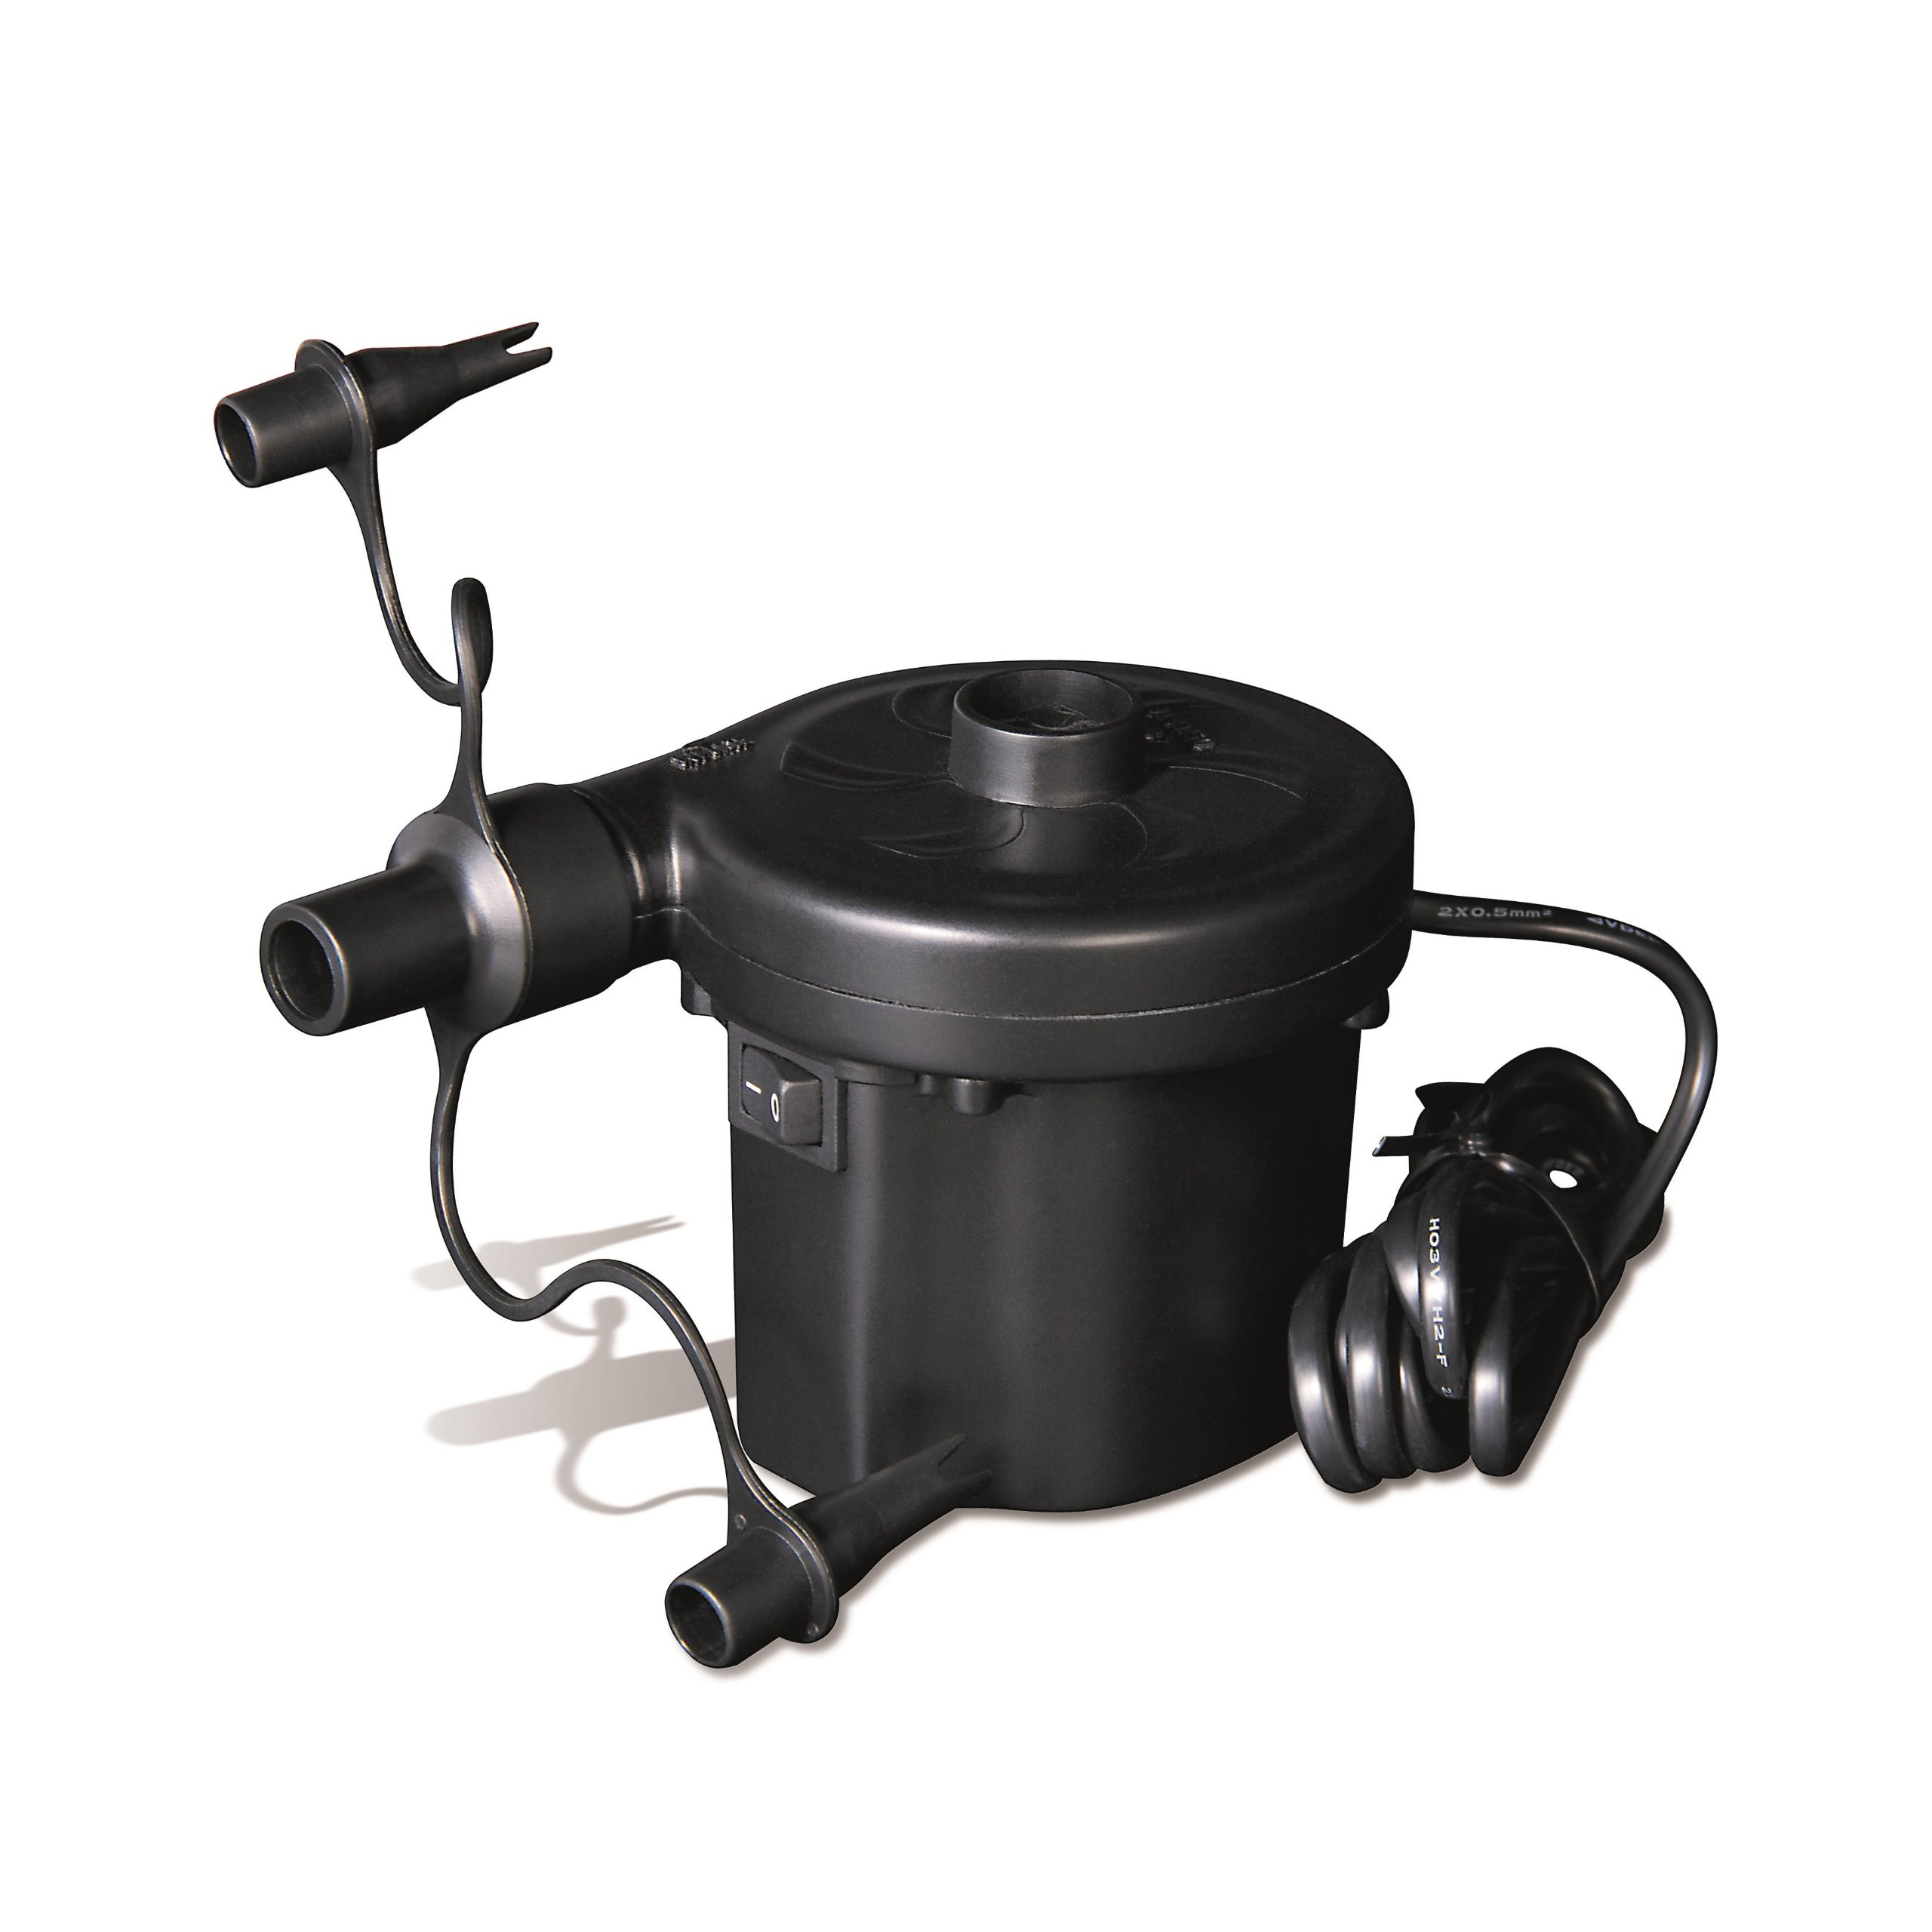 Bestway Sidewinder AC Electric Air Pump